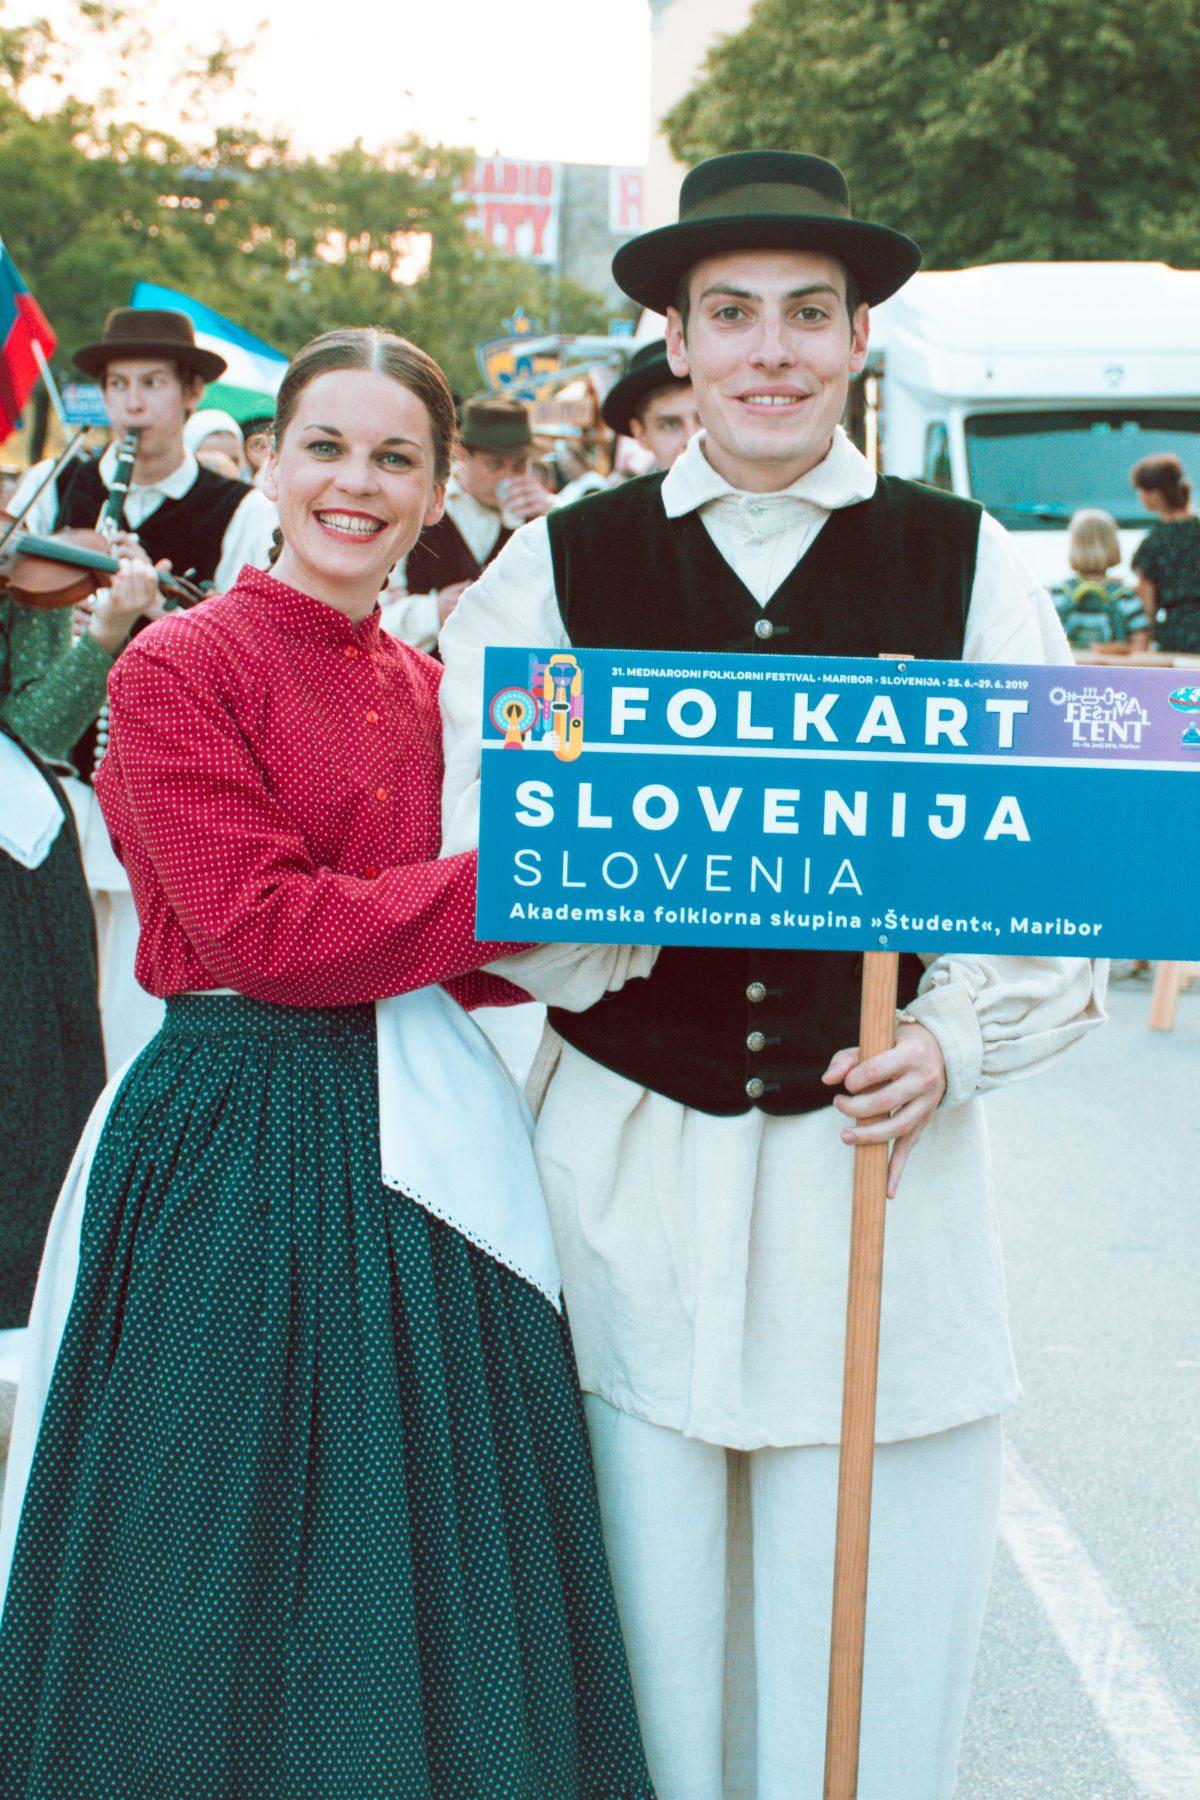 Festival Lent 2019: Folkart